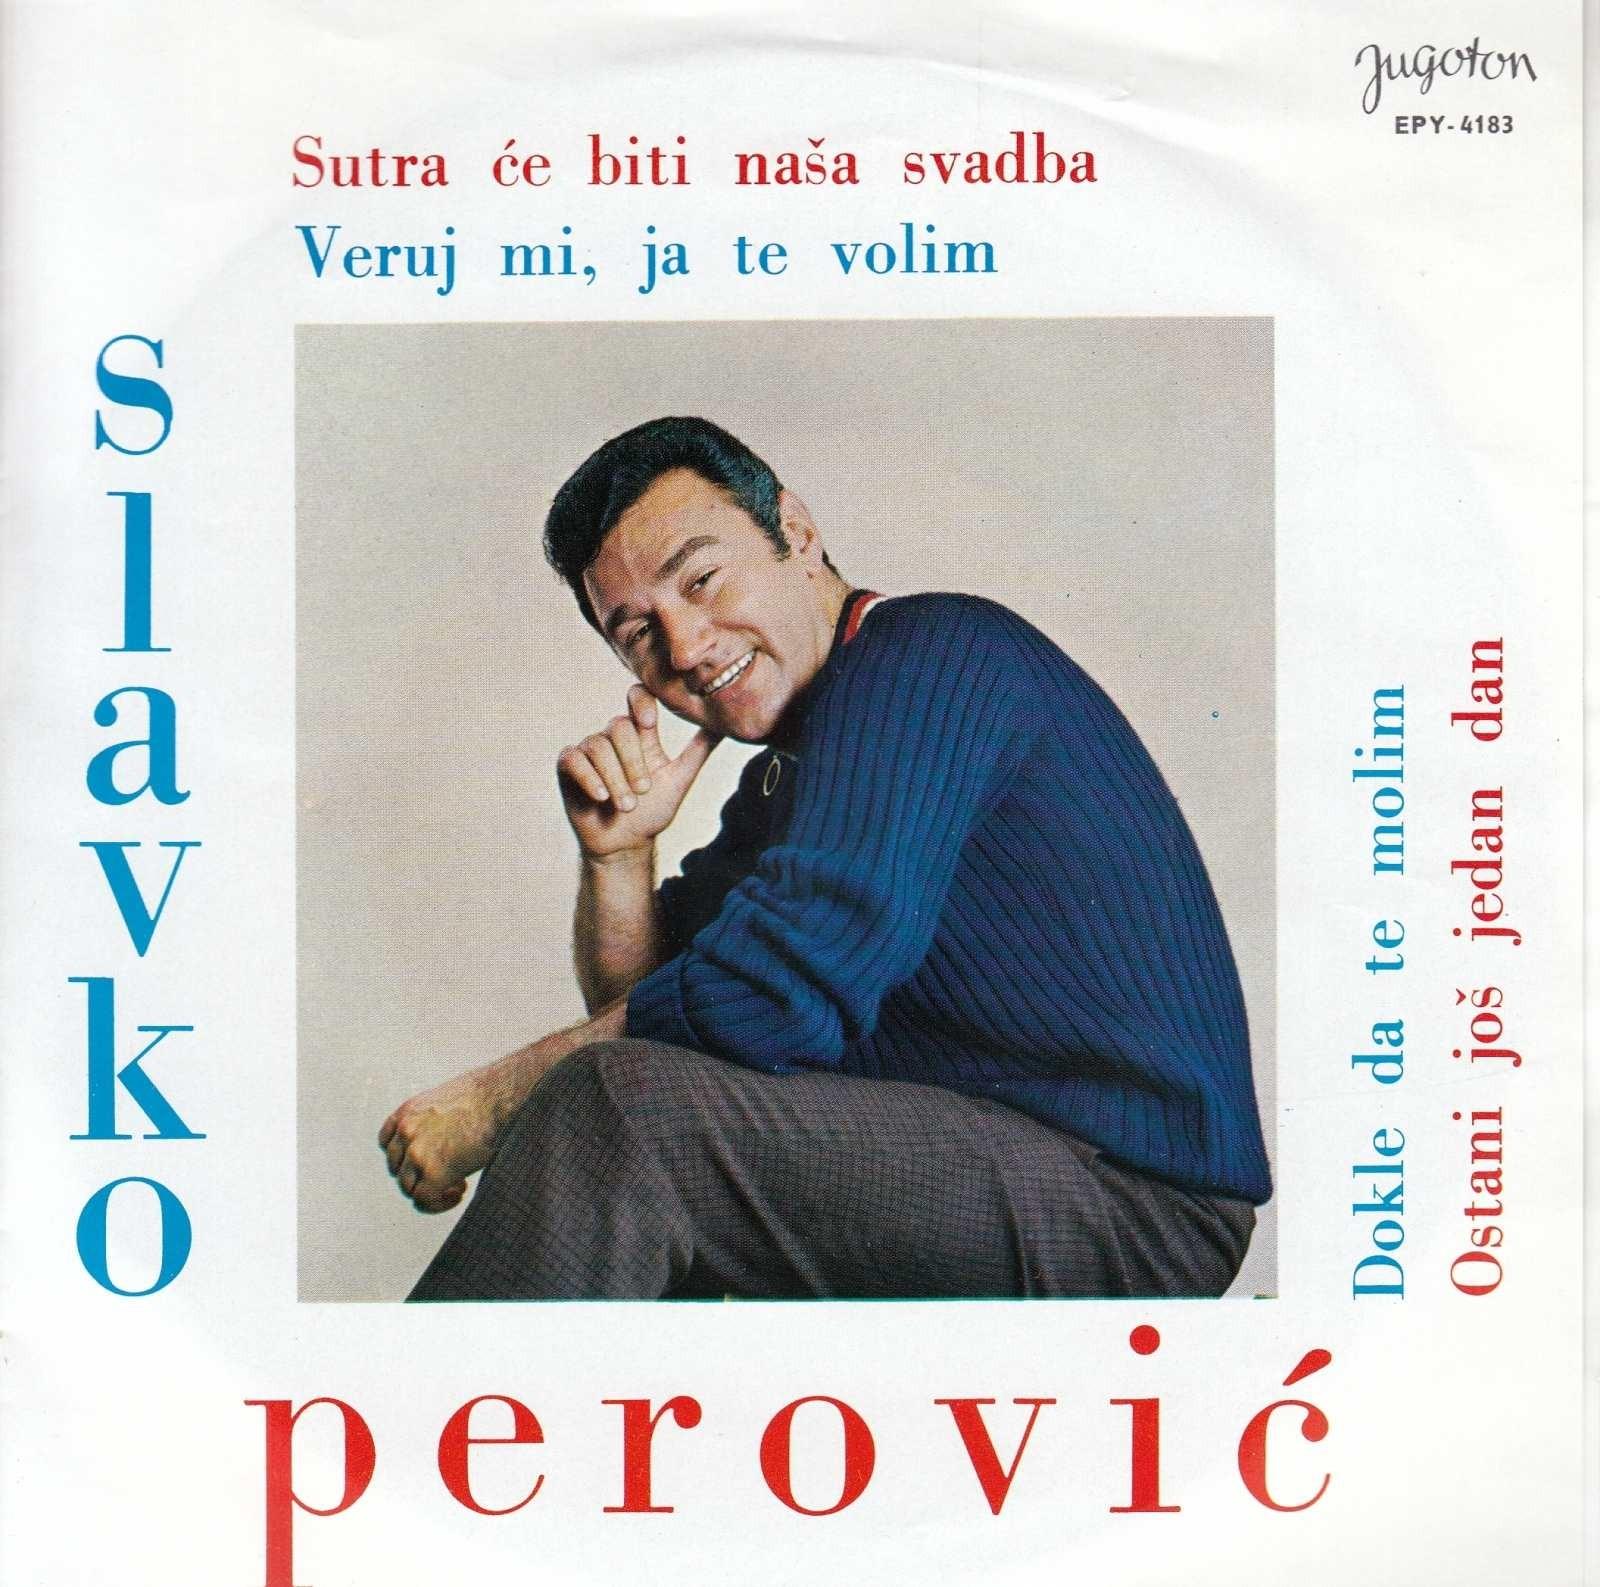 Perovic Slavko - Sutra Ce Biti Nasa Svadba/vjeruj Mi Ja Te Volim/dokle Da Te Molim/ostani Jos Jedan Dan